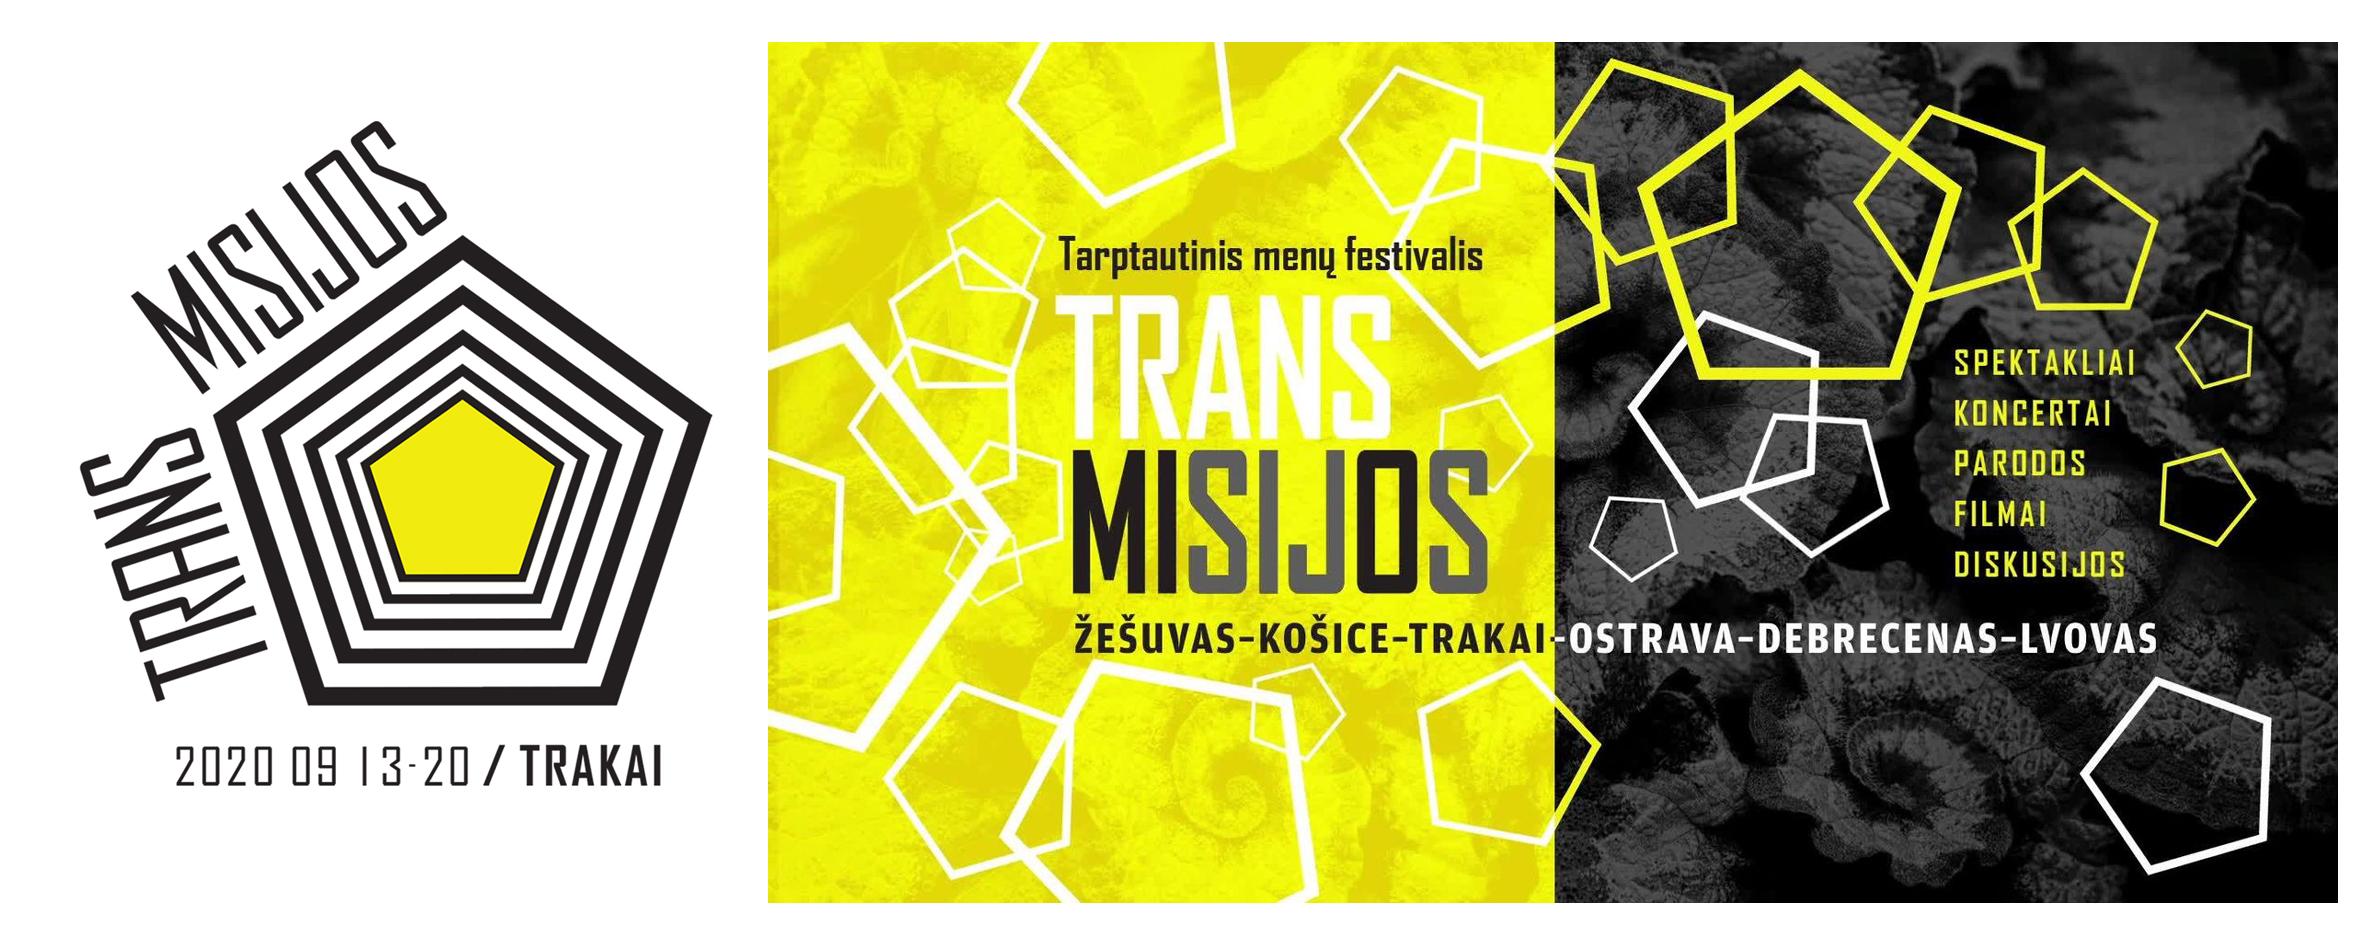 HISTORYCZNA STOLICA LITWY – TROKI  GOSPODARZEM TEGOROCZNEJ EDYCJI FESTIWALU  TRANS/MISIJOS 2020. Polski Program.